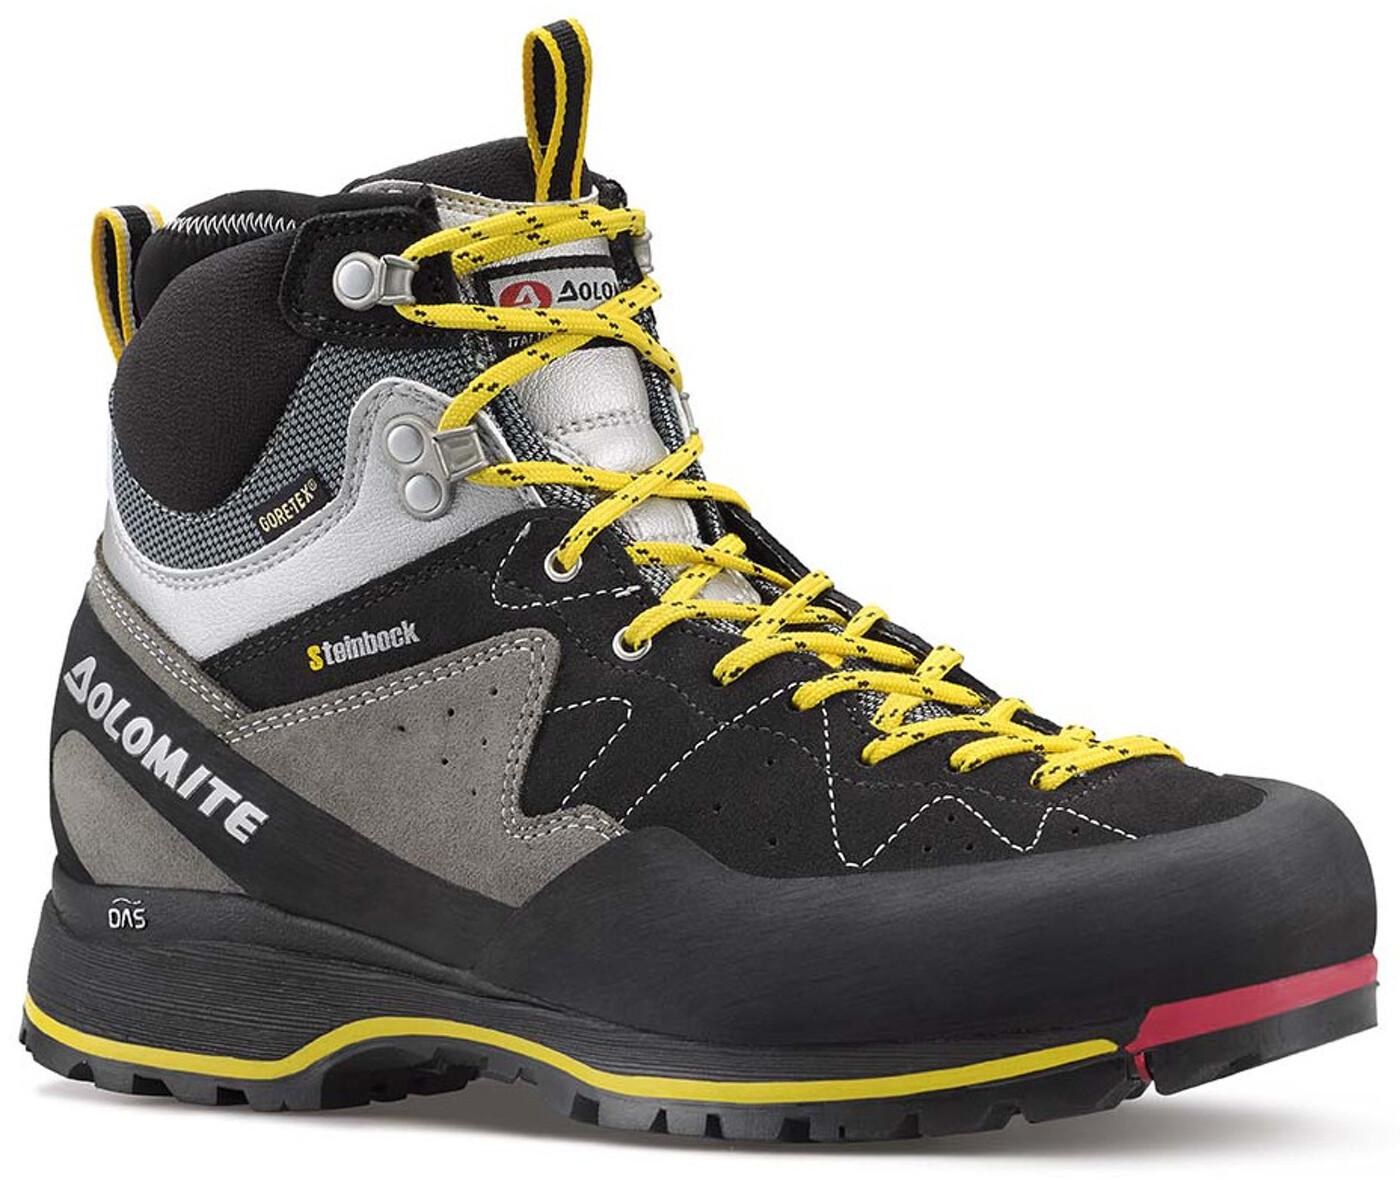 DOLOMITE Wanderschuh DOL Shoe Steinbock Approach Hp Gtx® STeinbock - Herren